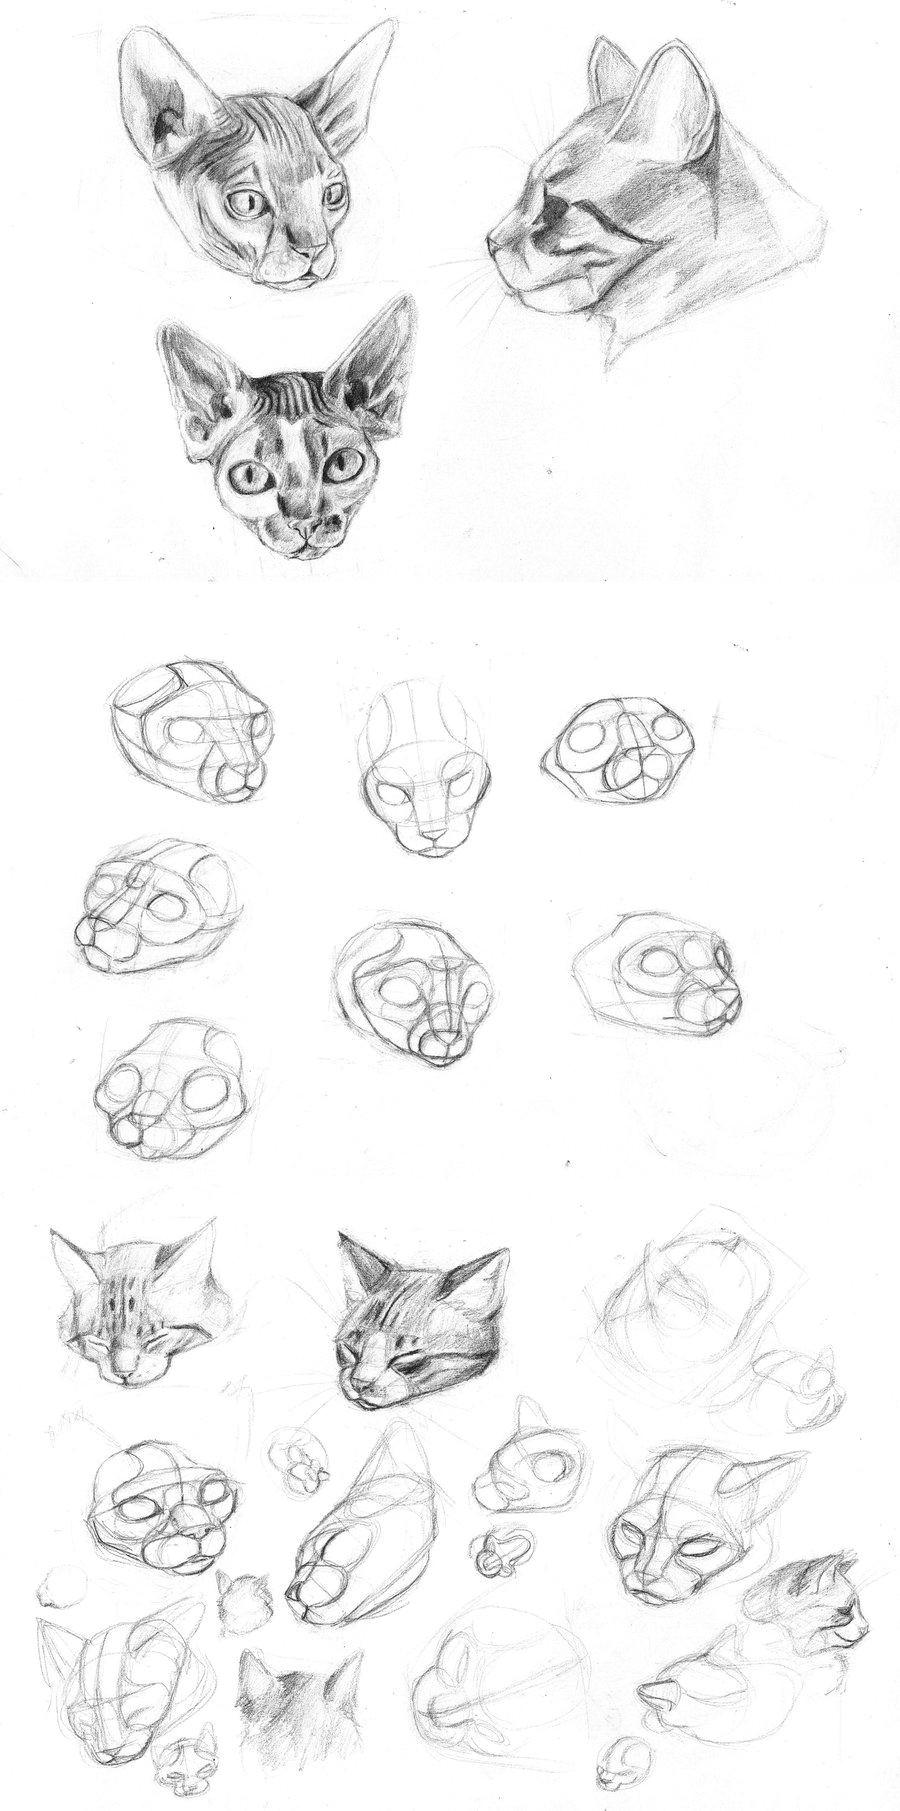 y sigo dibujando gatos hechos con referencias fotograficas done with photo references